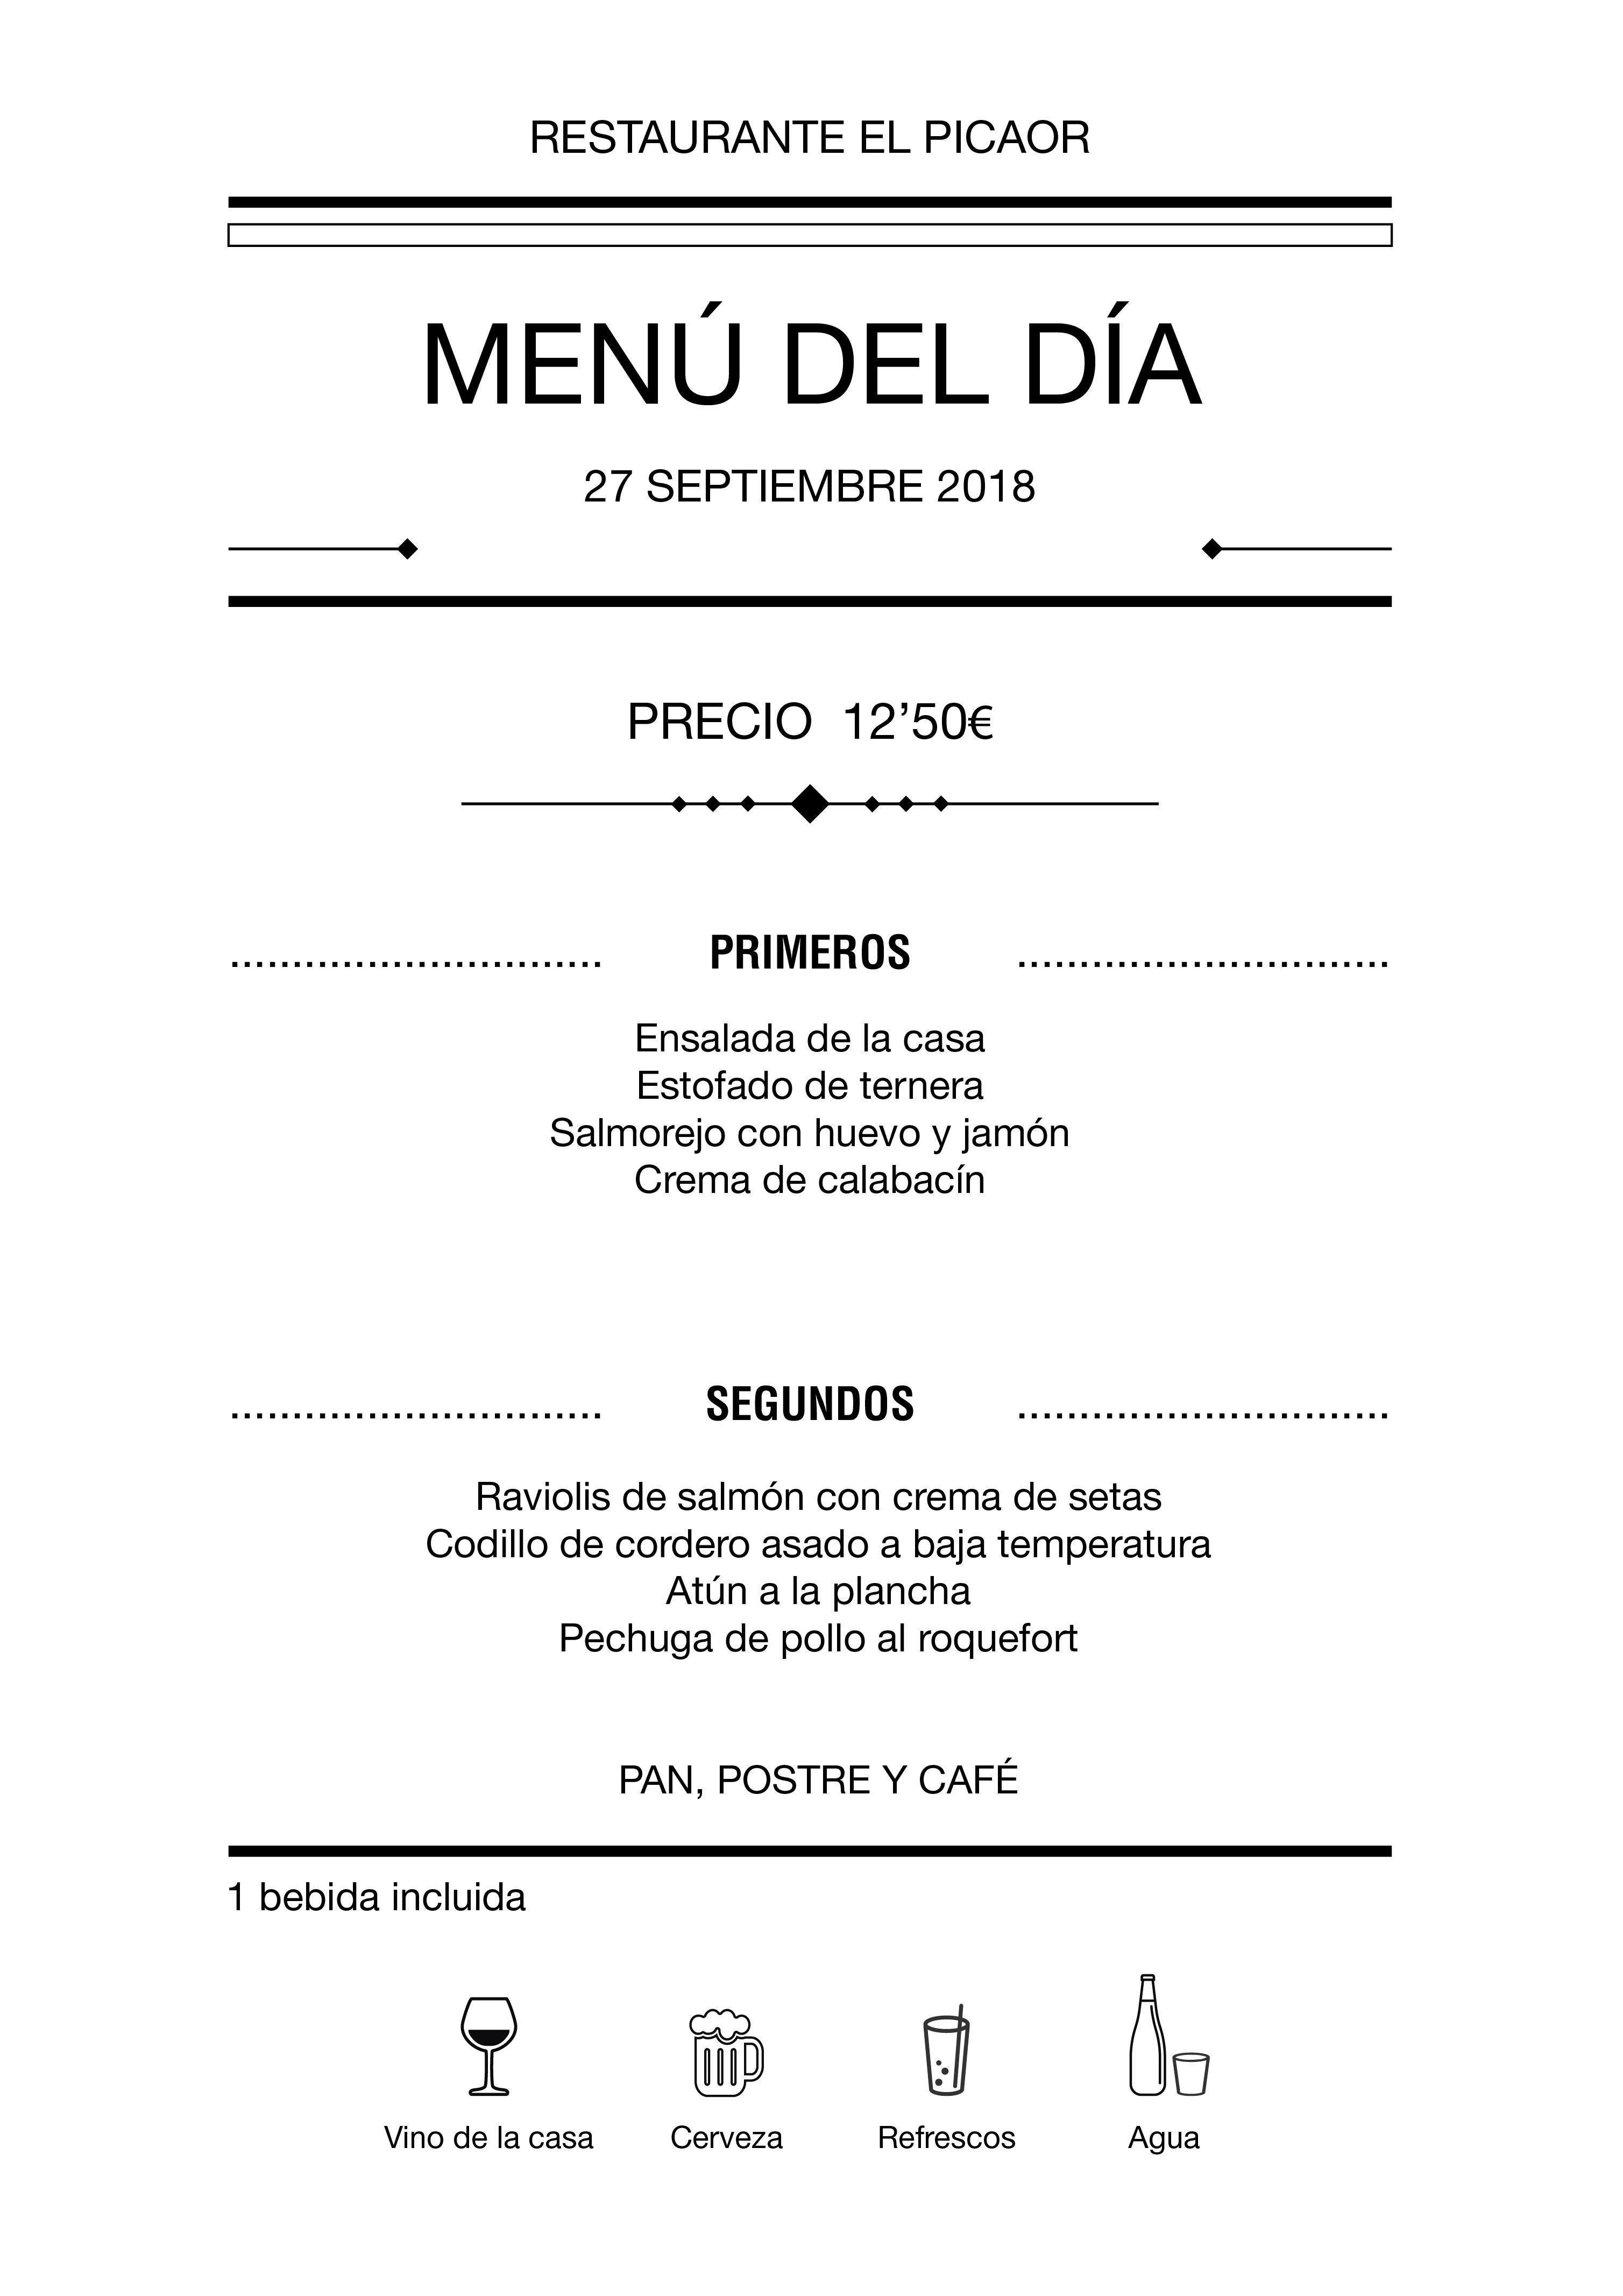 Menú diario El Picaor 27/09/18